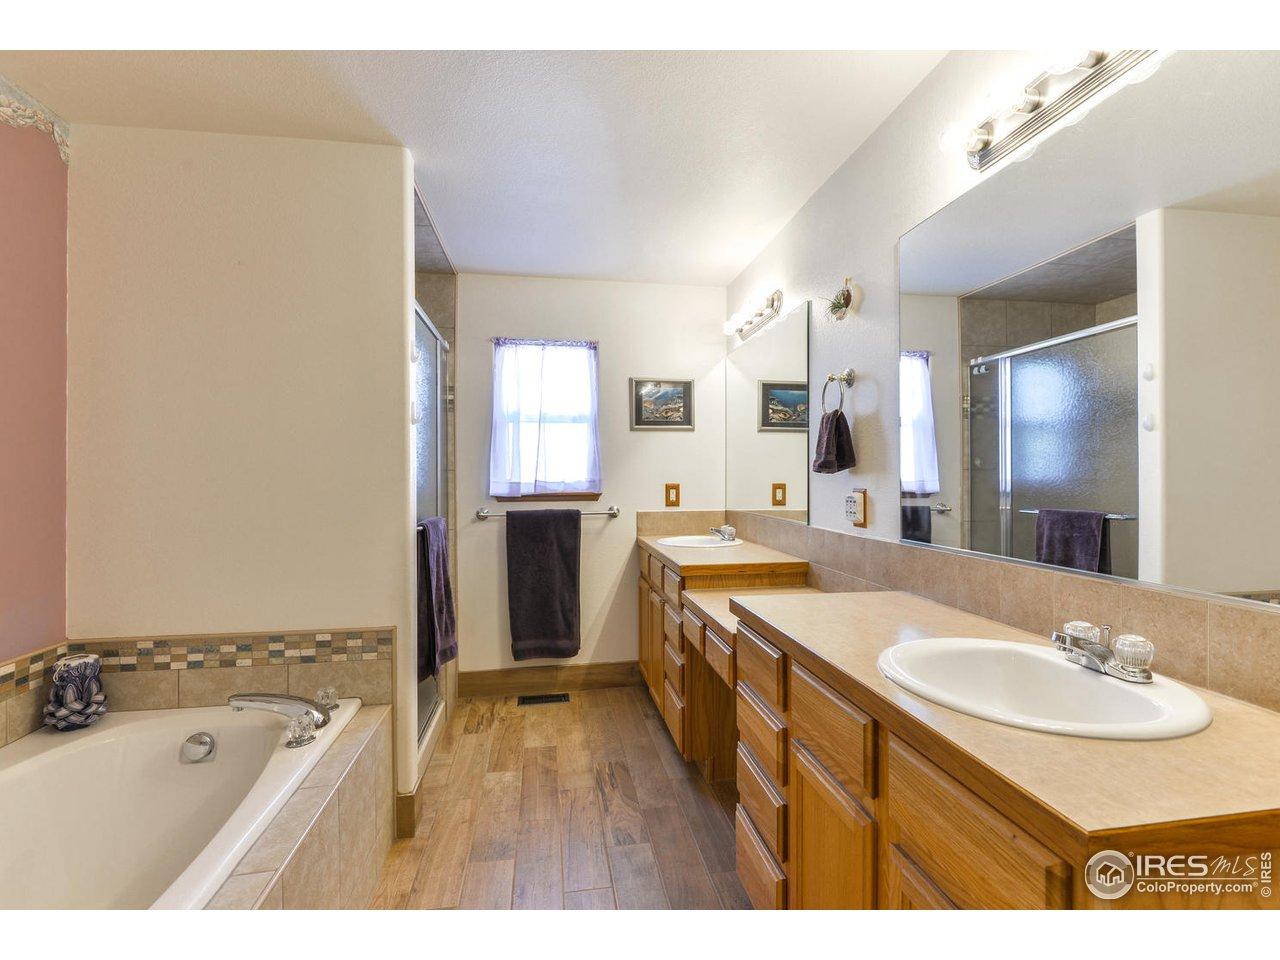 5-piece Master Bath w/ Heated Tile Floors